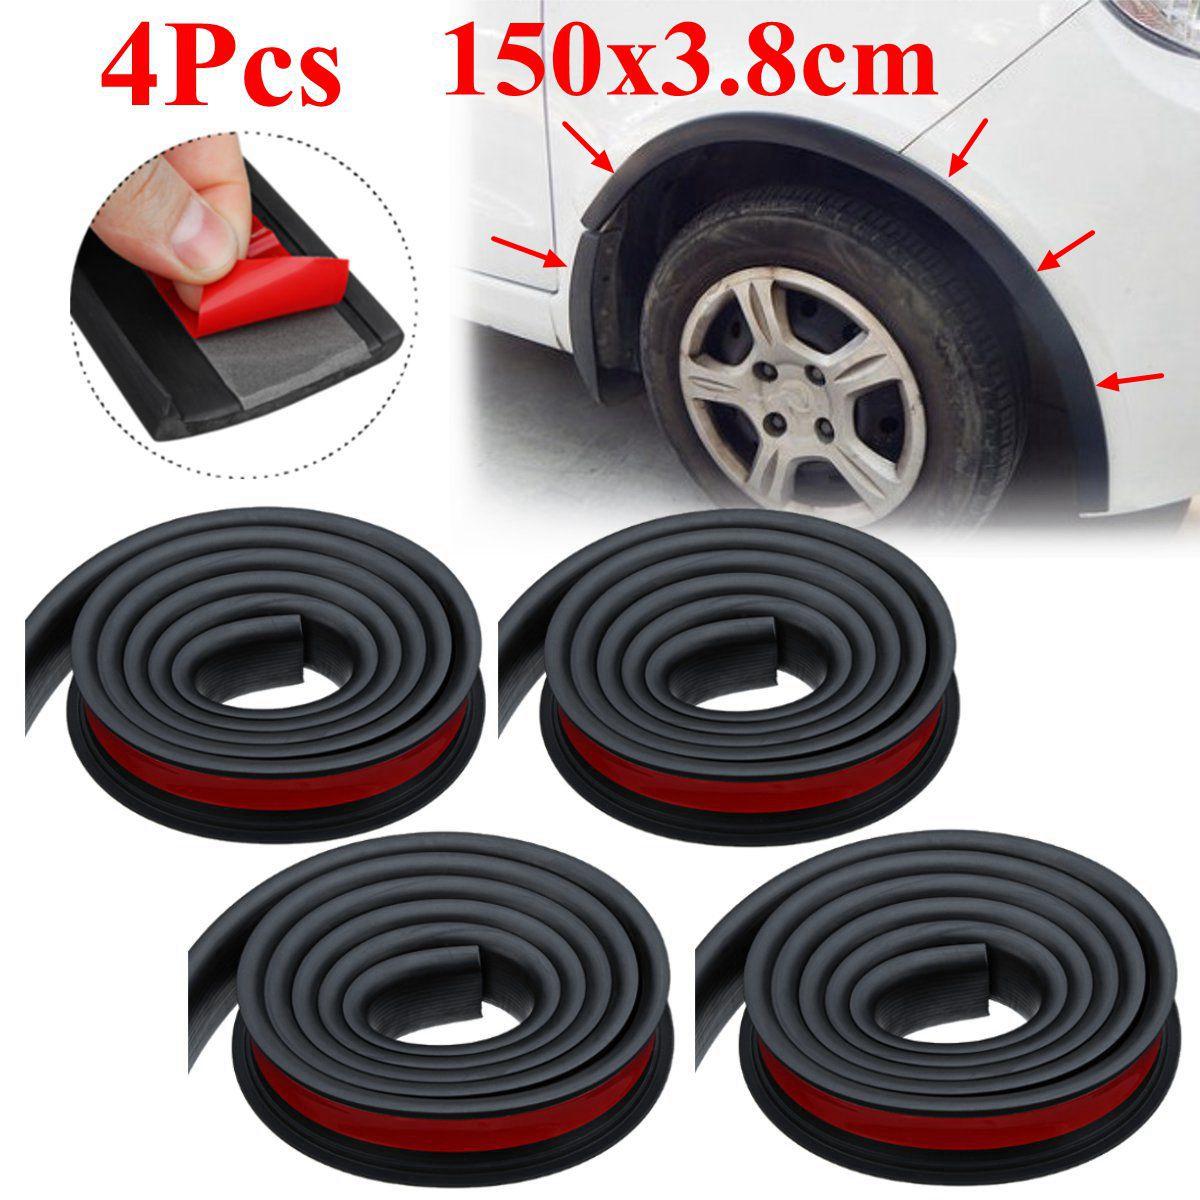 Универсальная пара резиновых крылышков для автомобиля, защитная дуга для большинства легковых автомобилей, литье 1,5 м x 3,8 см|Тюнинговые молдинги|   | АлиЭкспресс